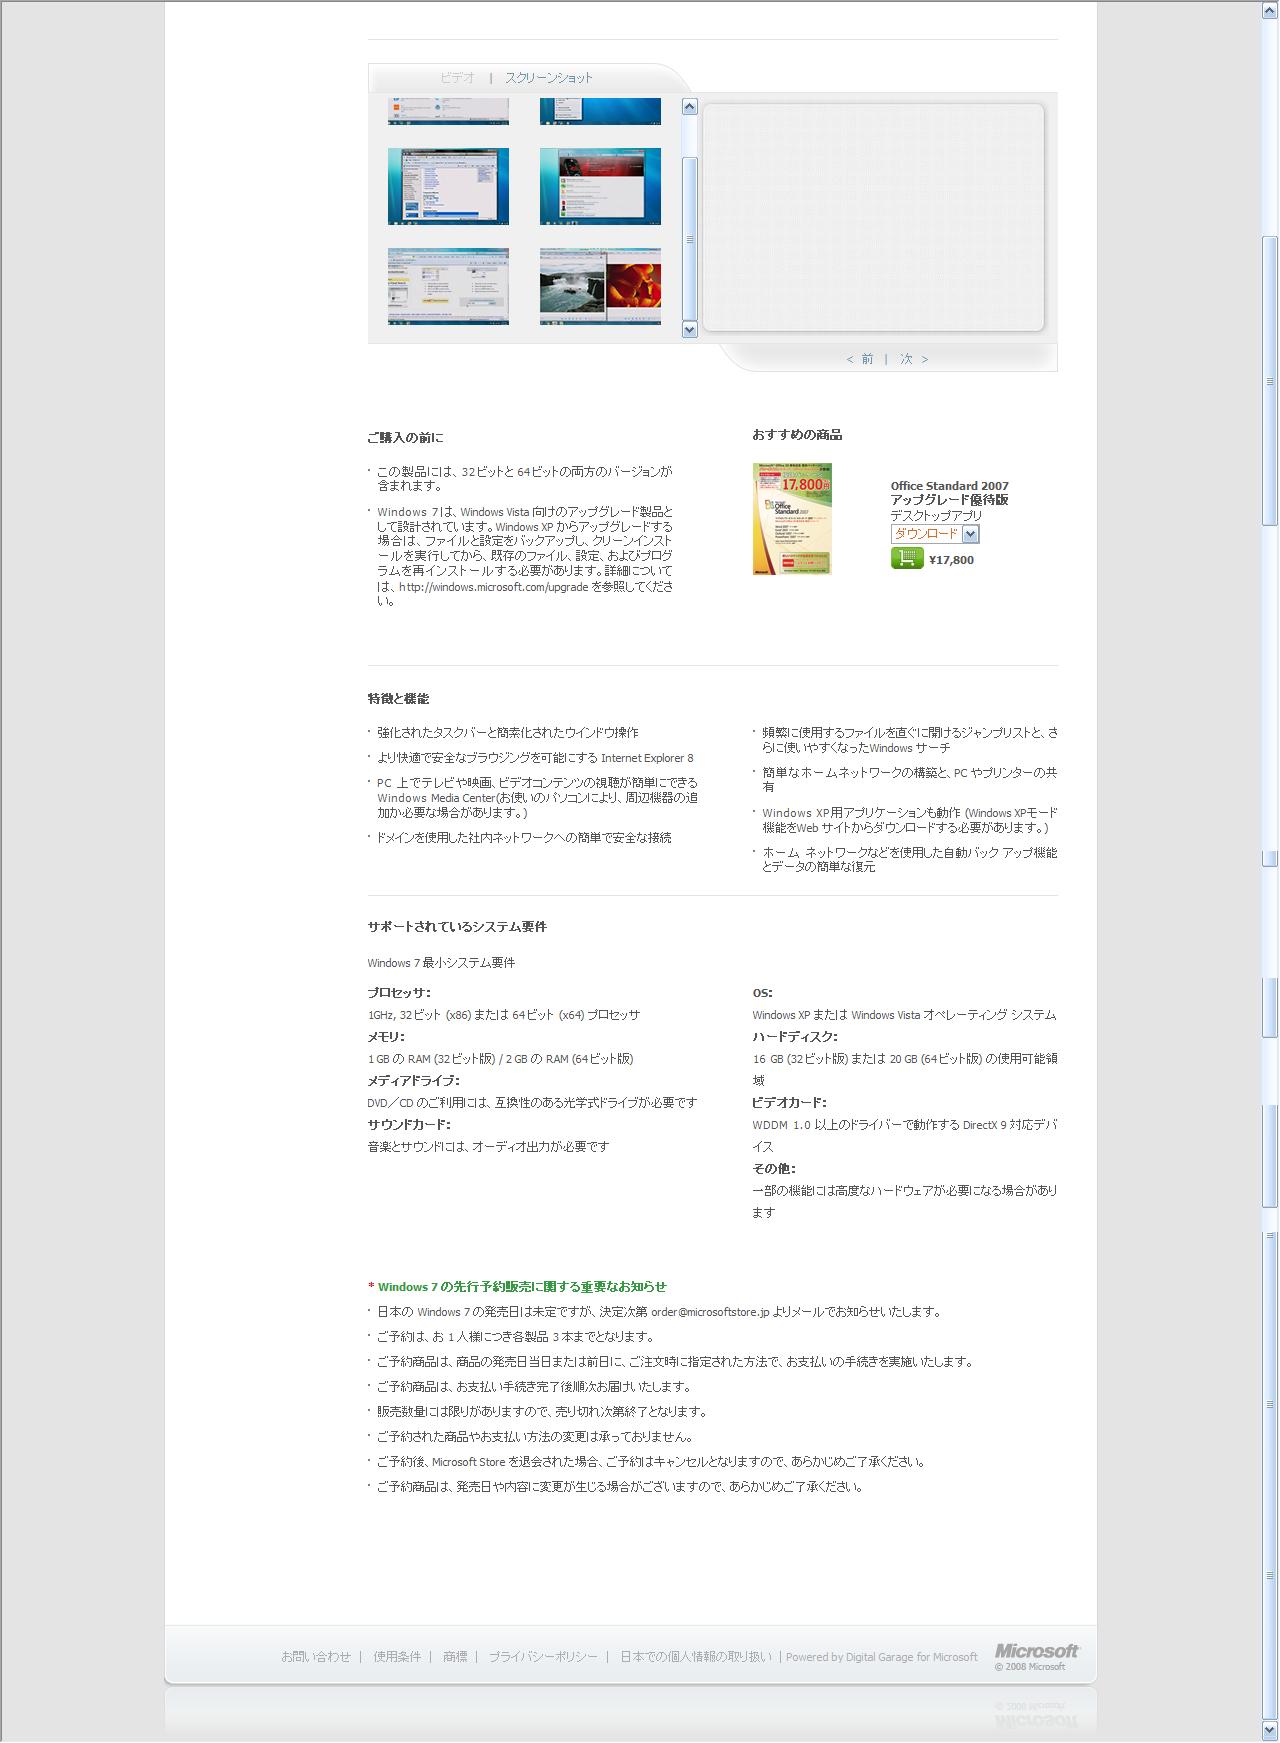 32ビット・64ビット同梱のWindows 7 アップグレード版